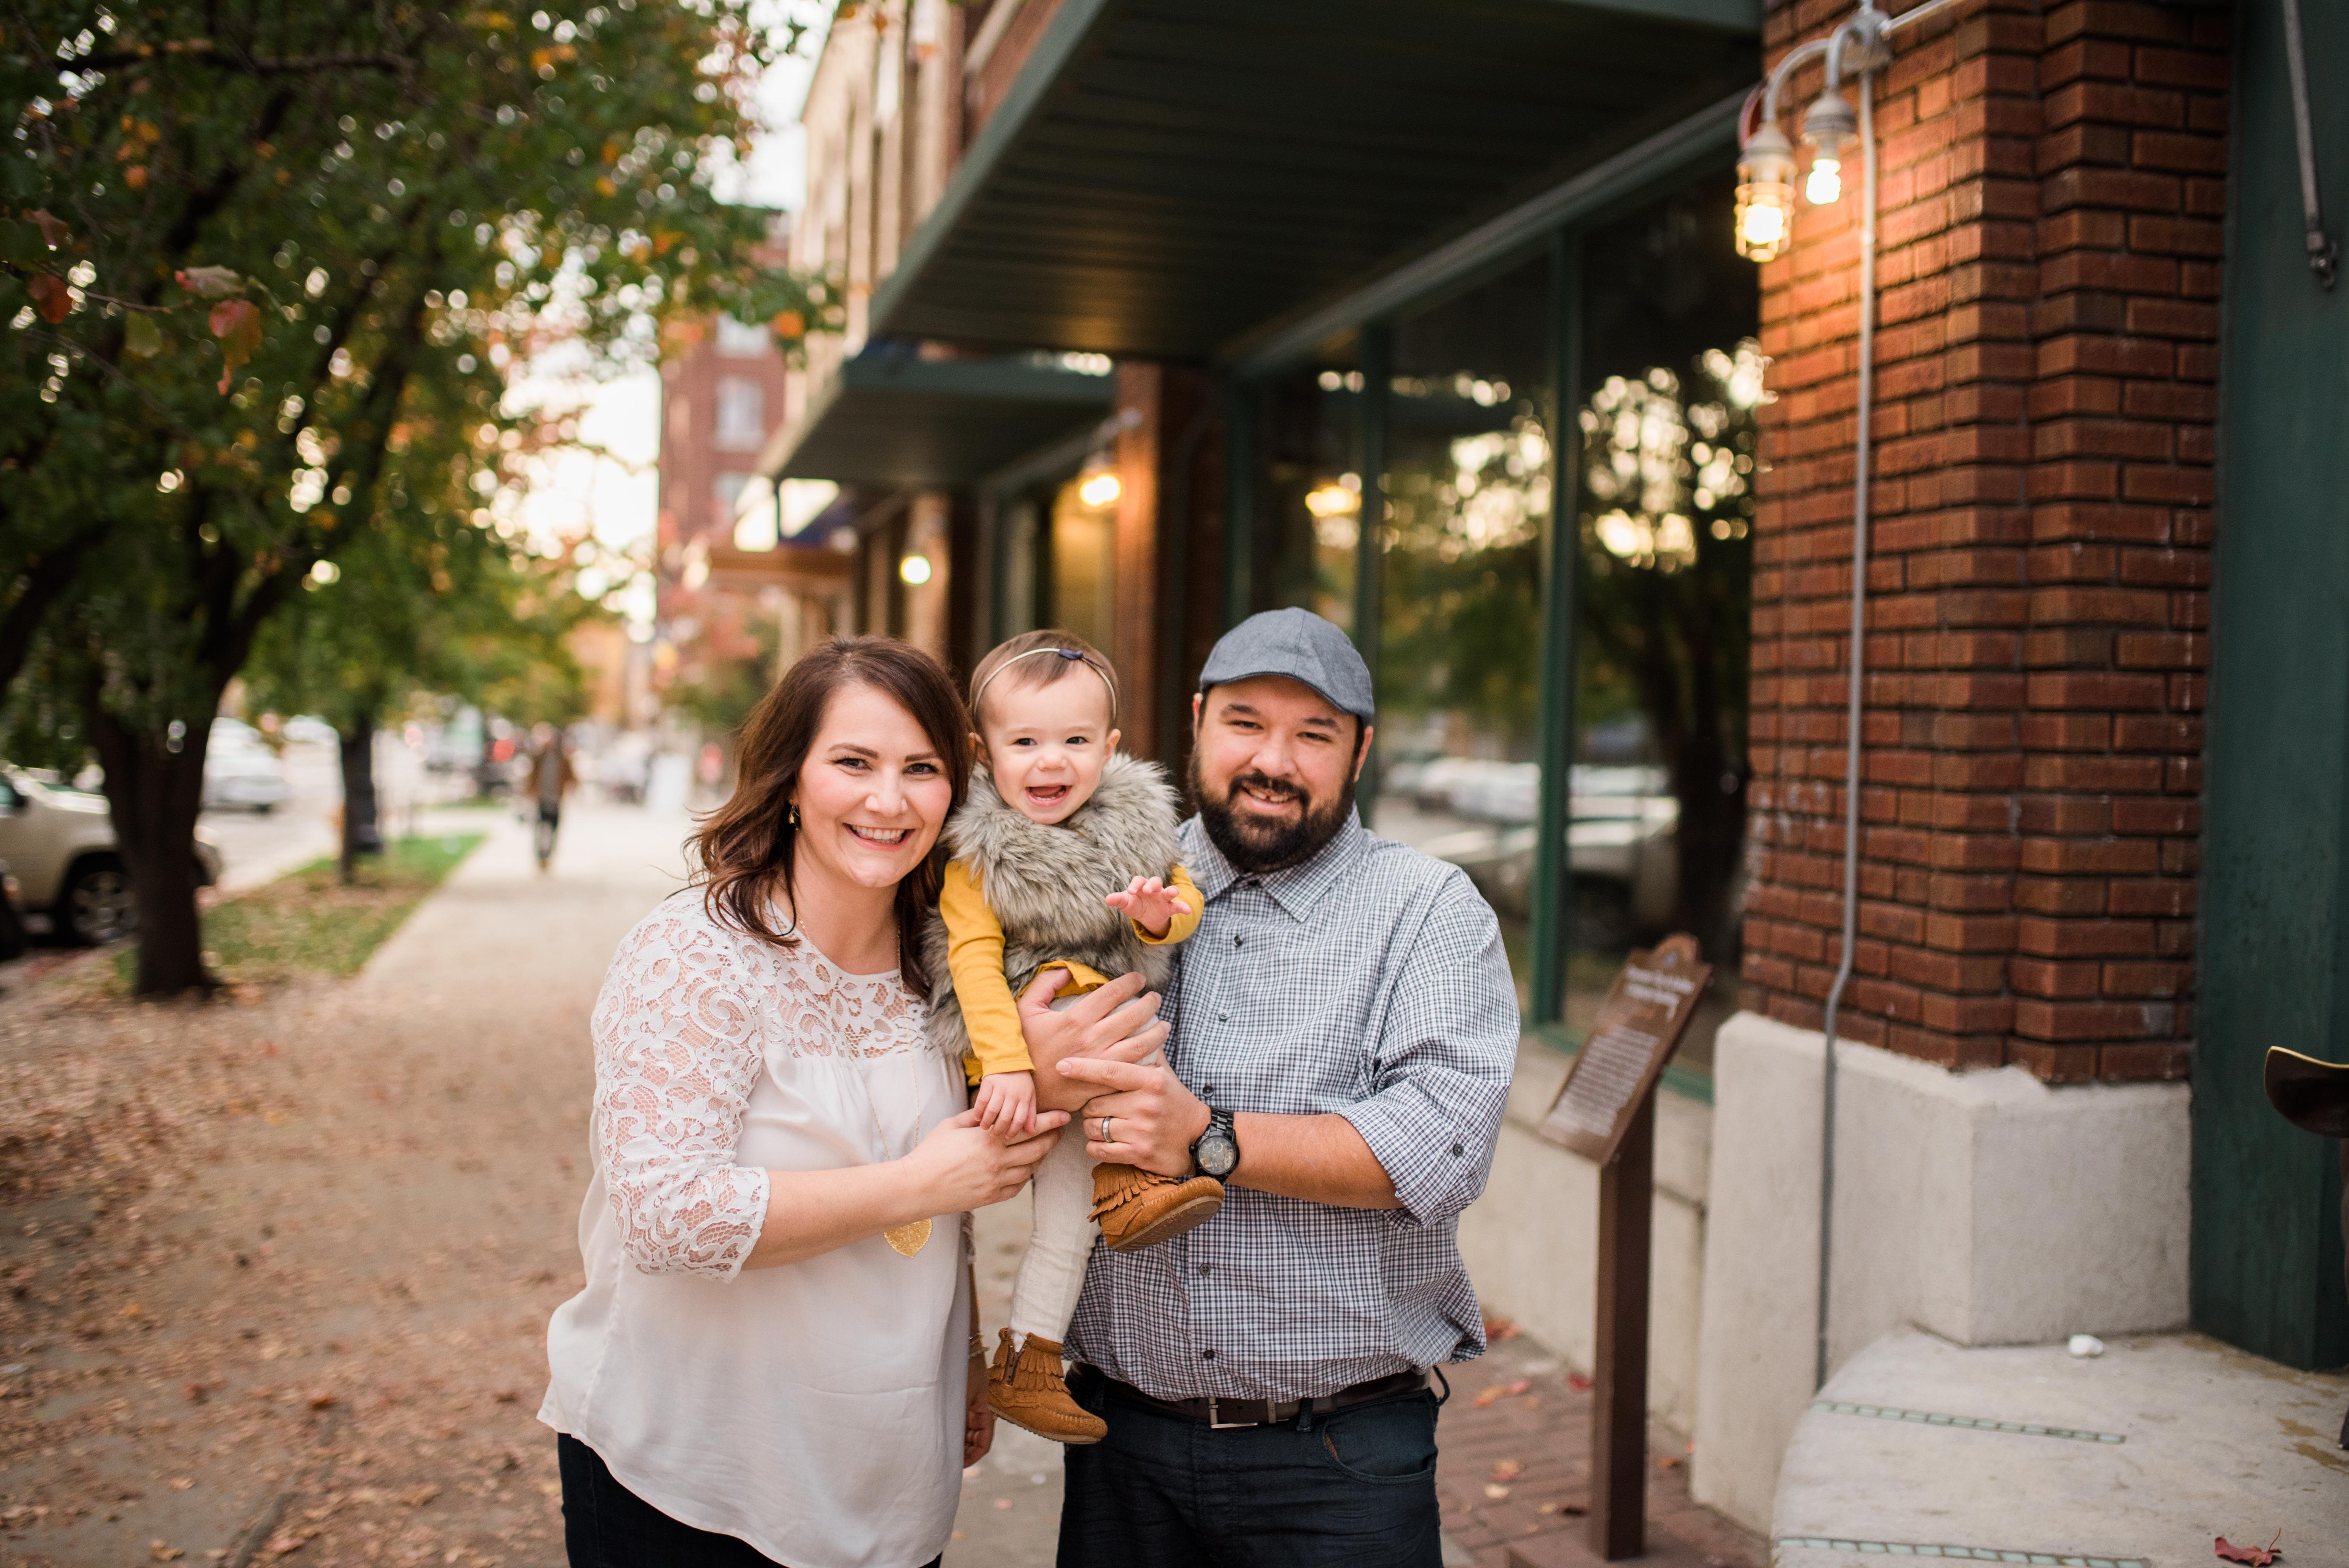 Godina Family Photos 11.12.16-33.jpg